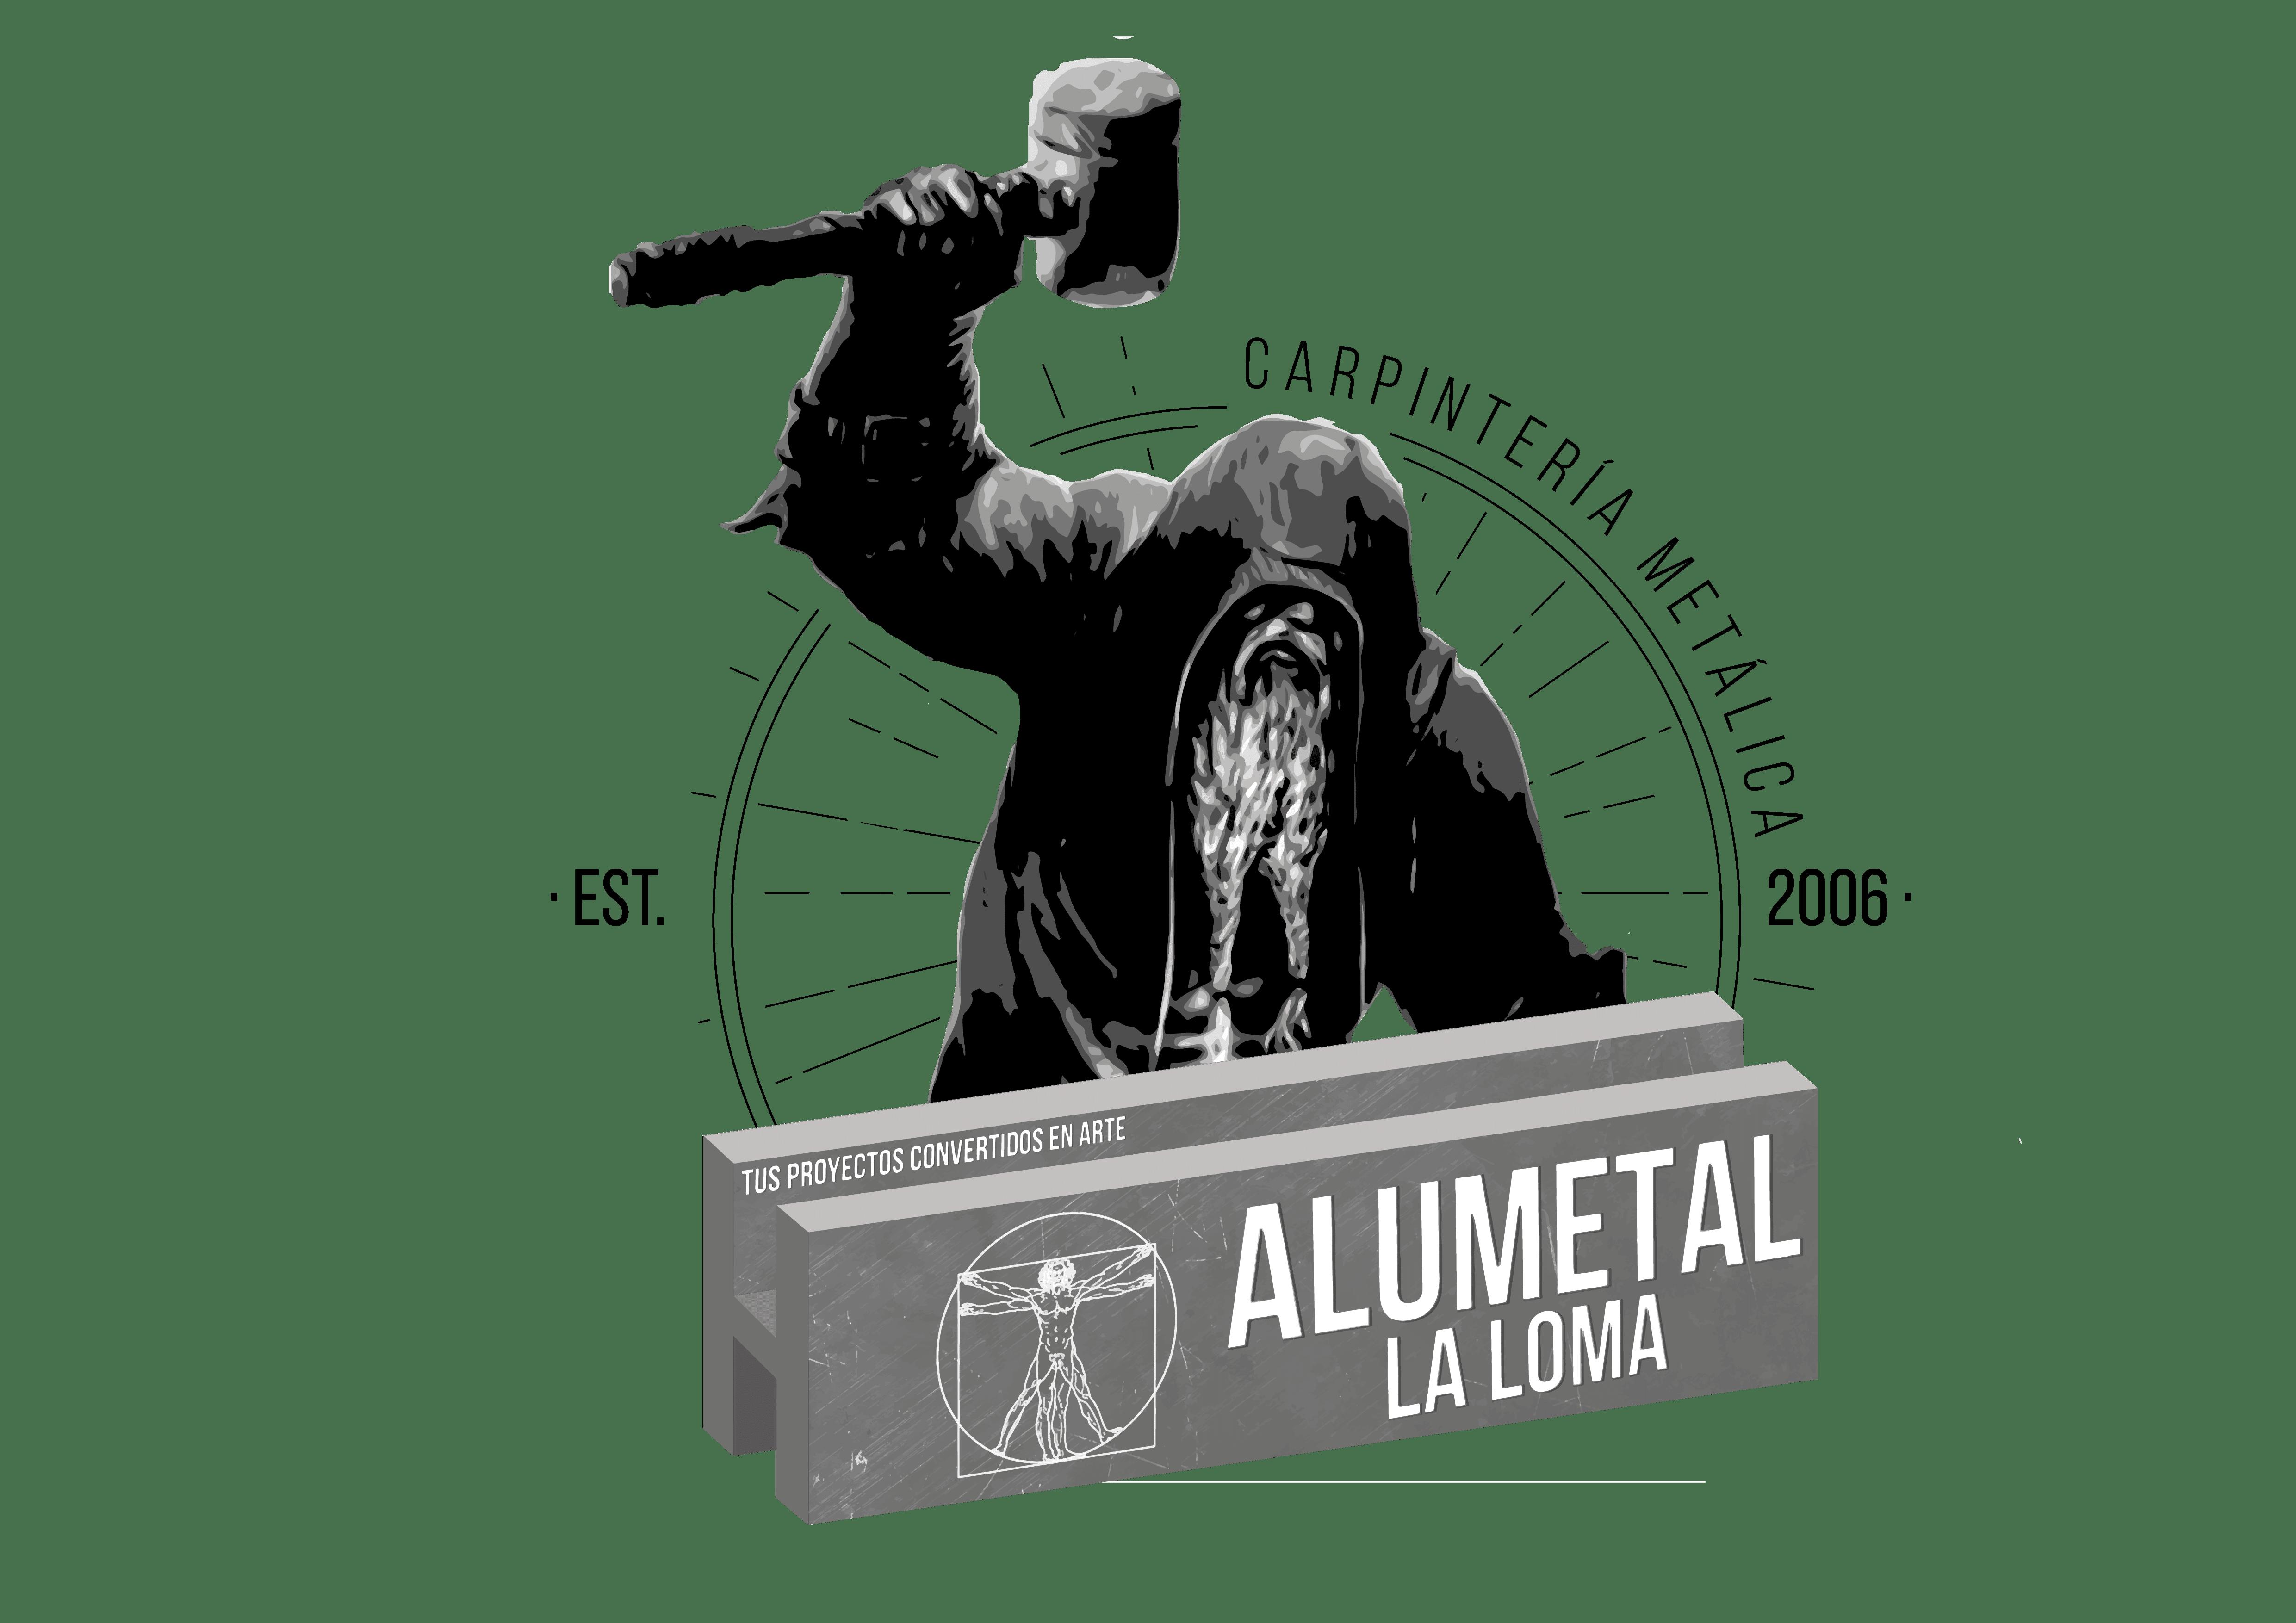 Alumetal La Loma